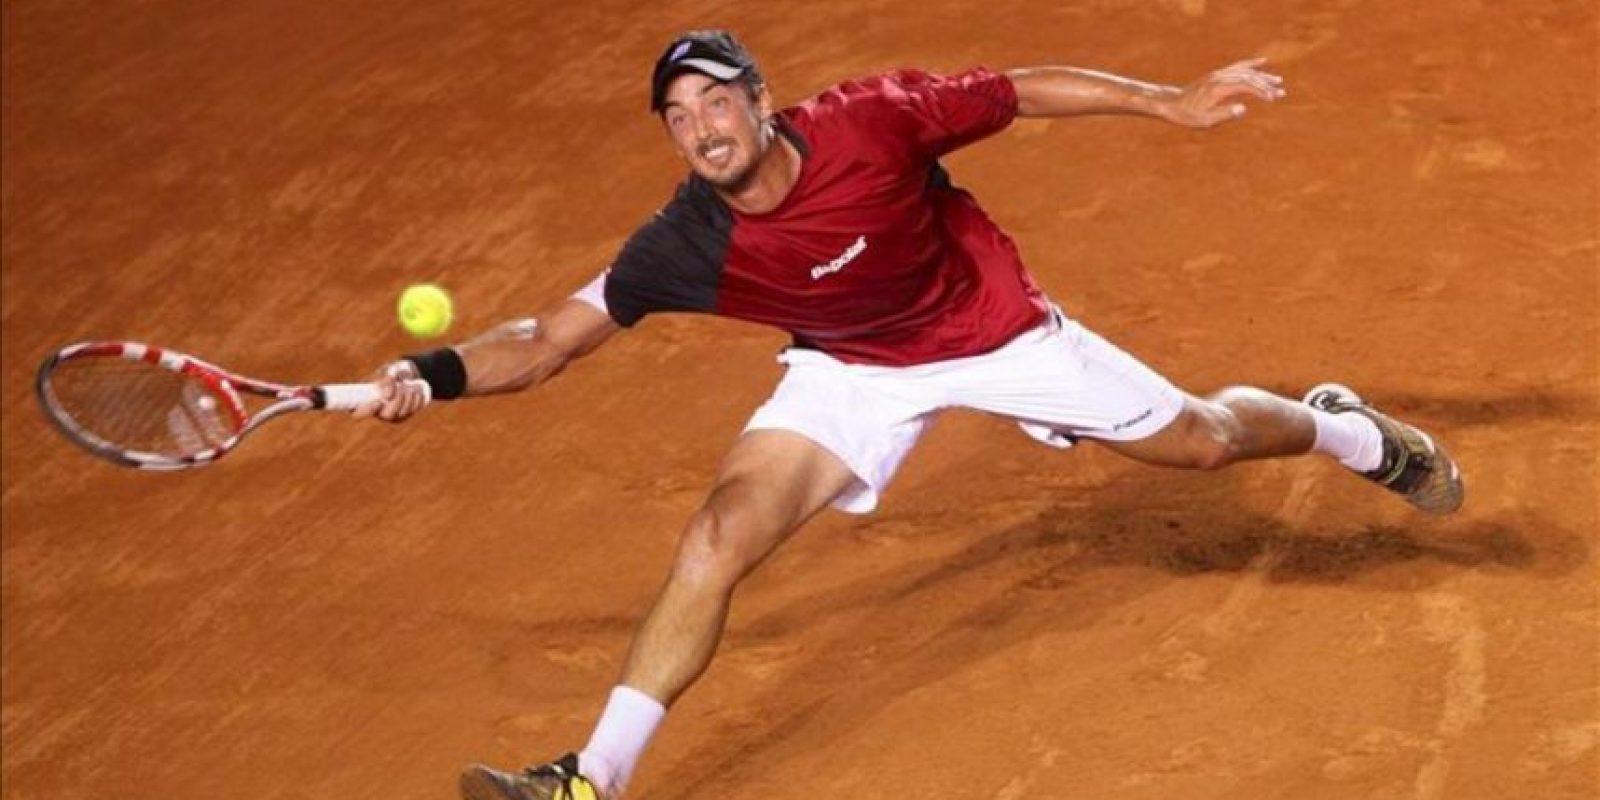 El tenista argentino Martín Alund devuelve la bola al español Rafael Nadal durante el tercer día del Abierto Mexicano de Tenis que se desarrolla en el puerto mexicano de Acapulco. EFE